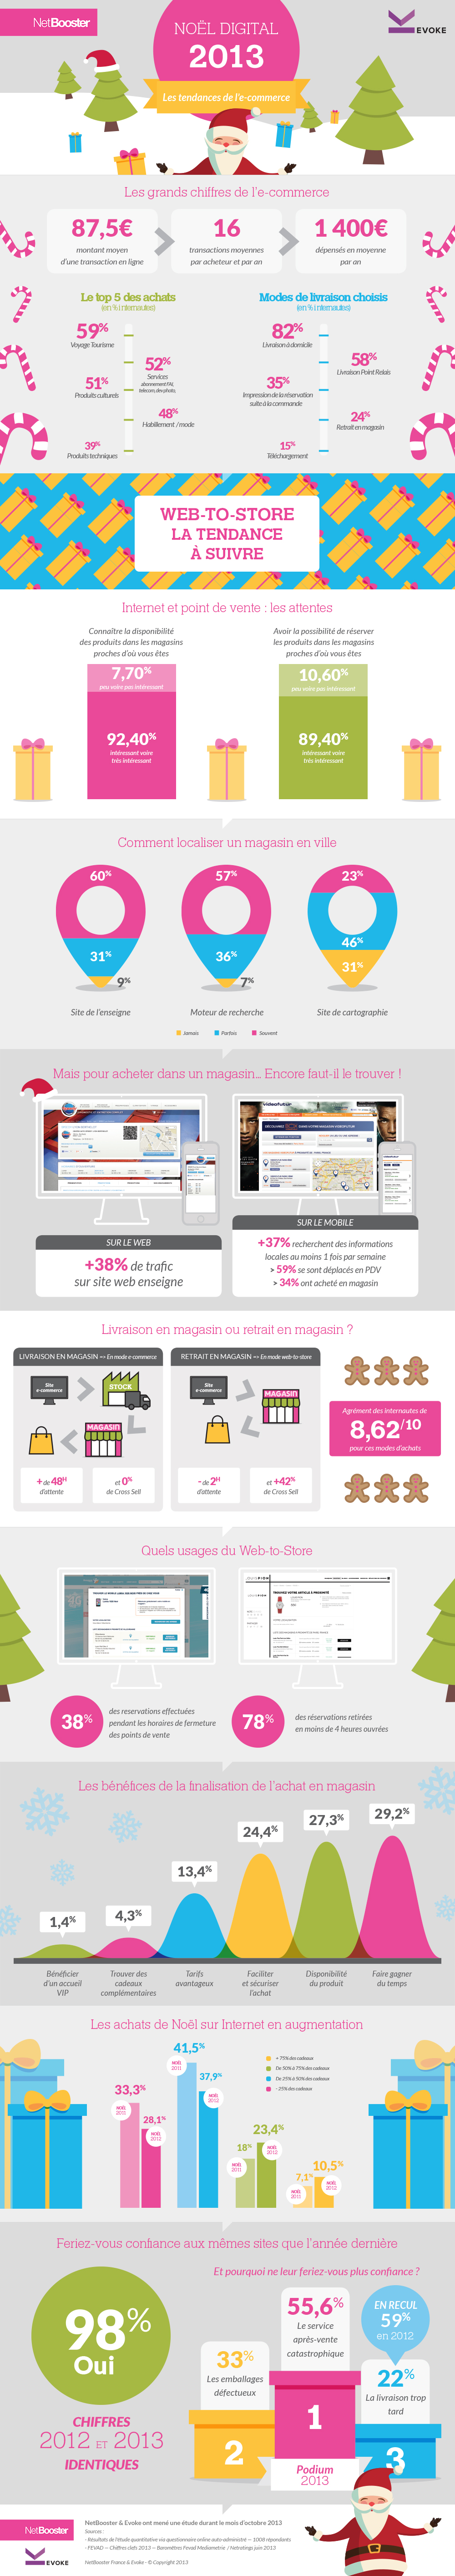 [Infographie] Noël digital : les tendances de le commerce en 2013 1882594 infographie les cyberacheteurs veulent du web to store a noel